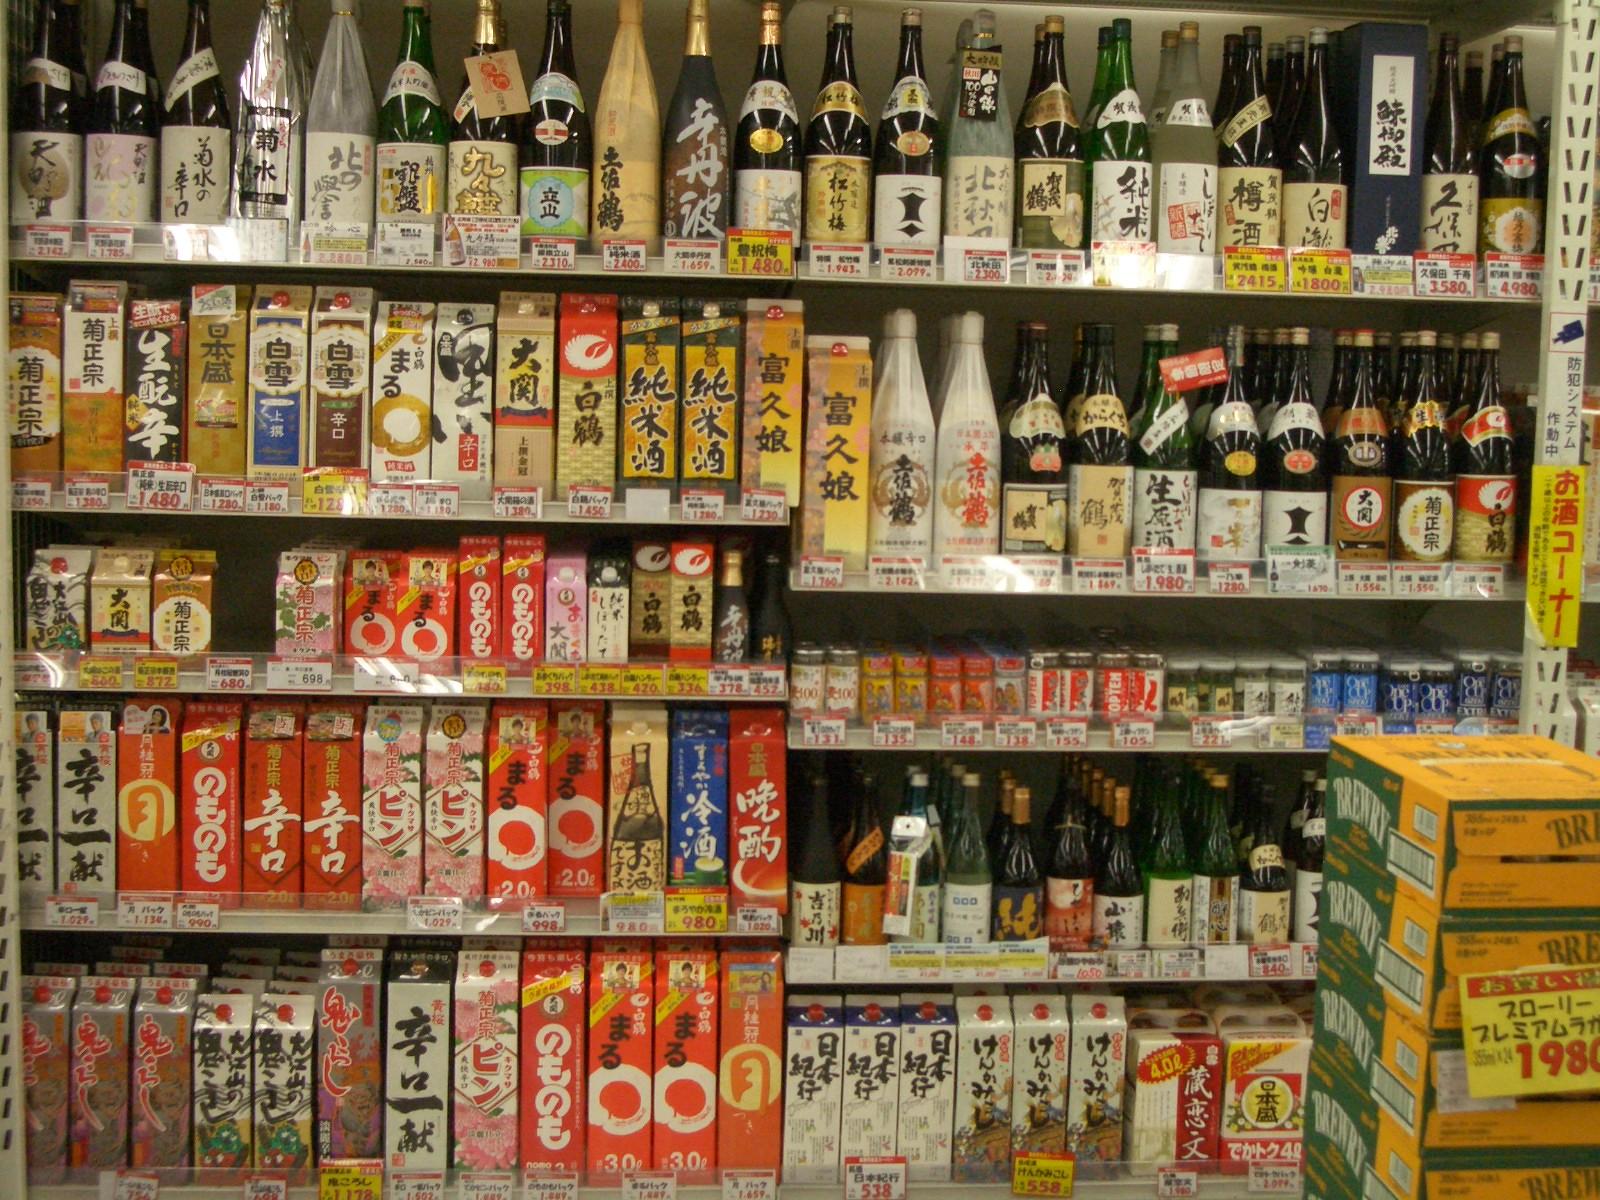 お酒コーナー 株式会社ヨシノ » お酒コーナー Home新着!ドラゴン情報